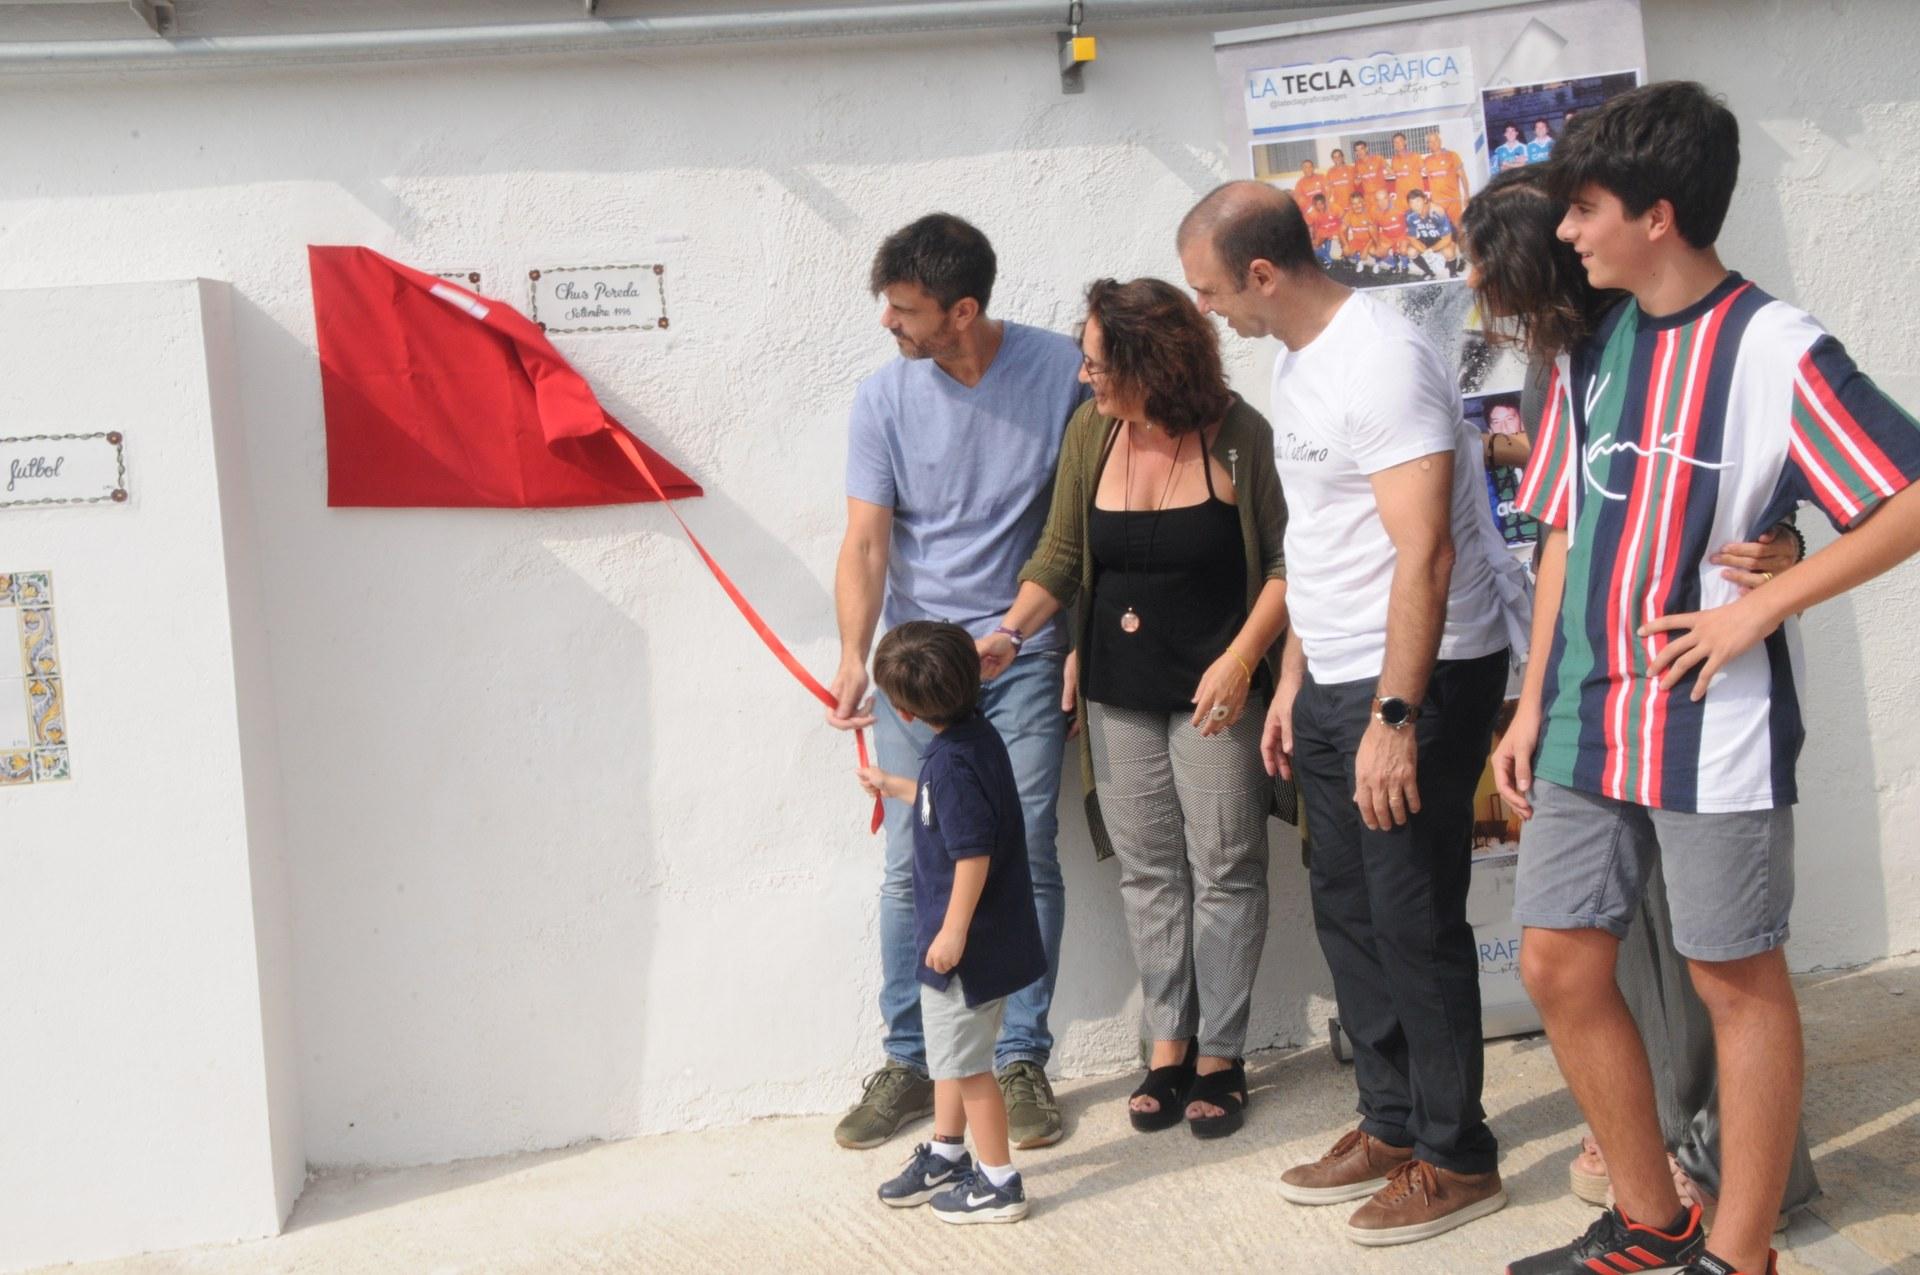 L'alcaldessa, Aurora Carbonell, i alguns dels familiars dels esportistes en el moment del descobriment de les plaques d'homenatge.